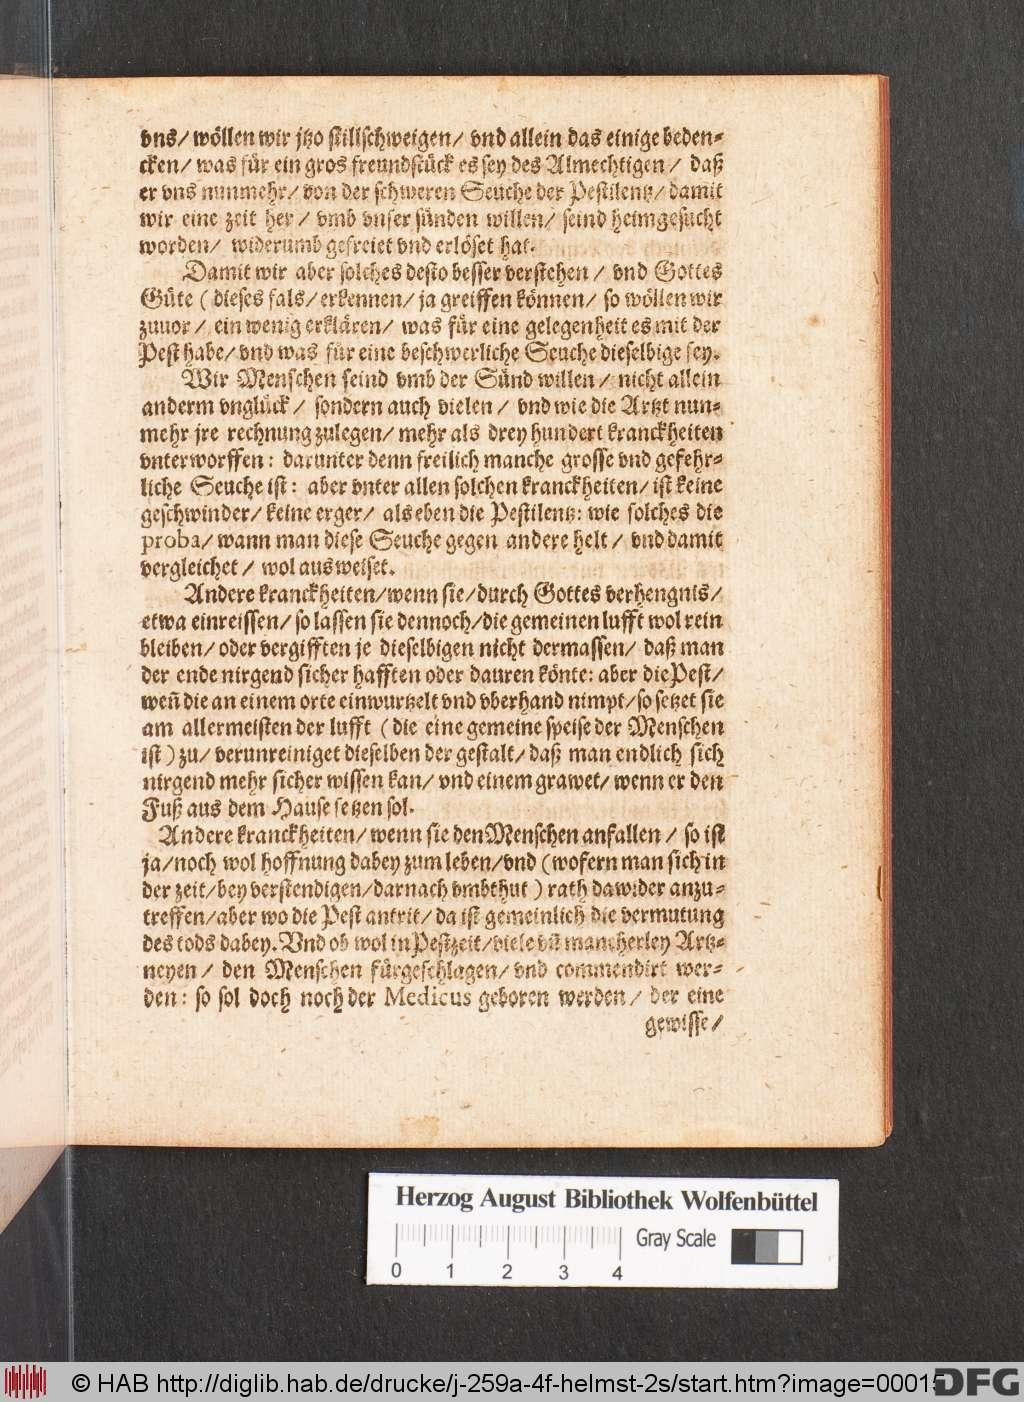 http://diglib.hab.de/drucke/j-259a-4f-helmst-2s/00015.jpg